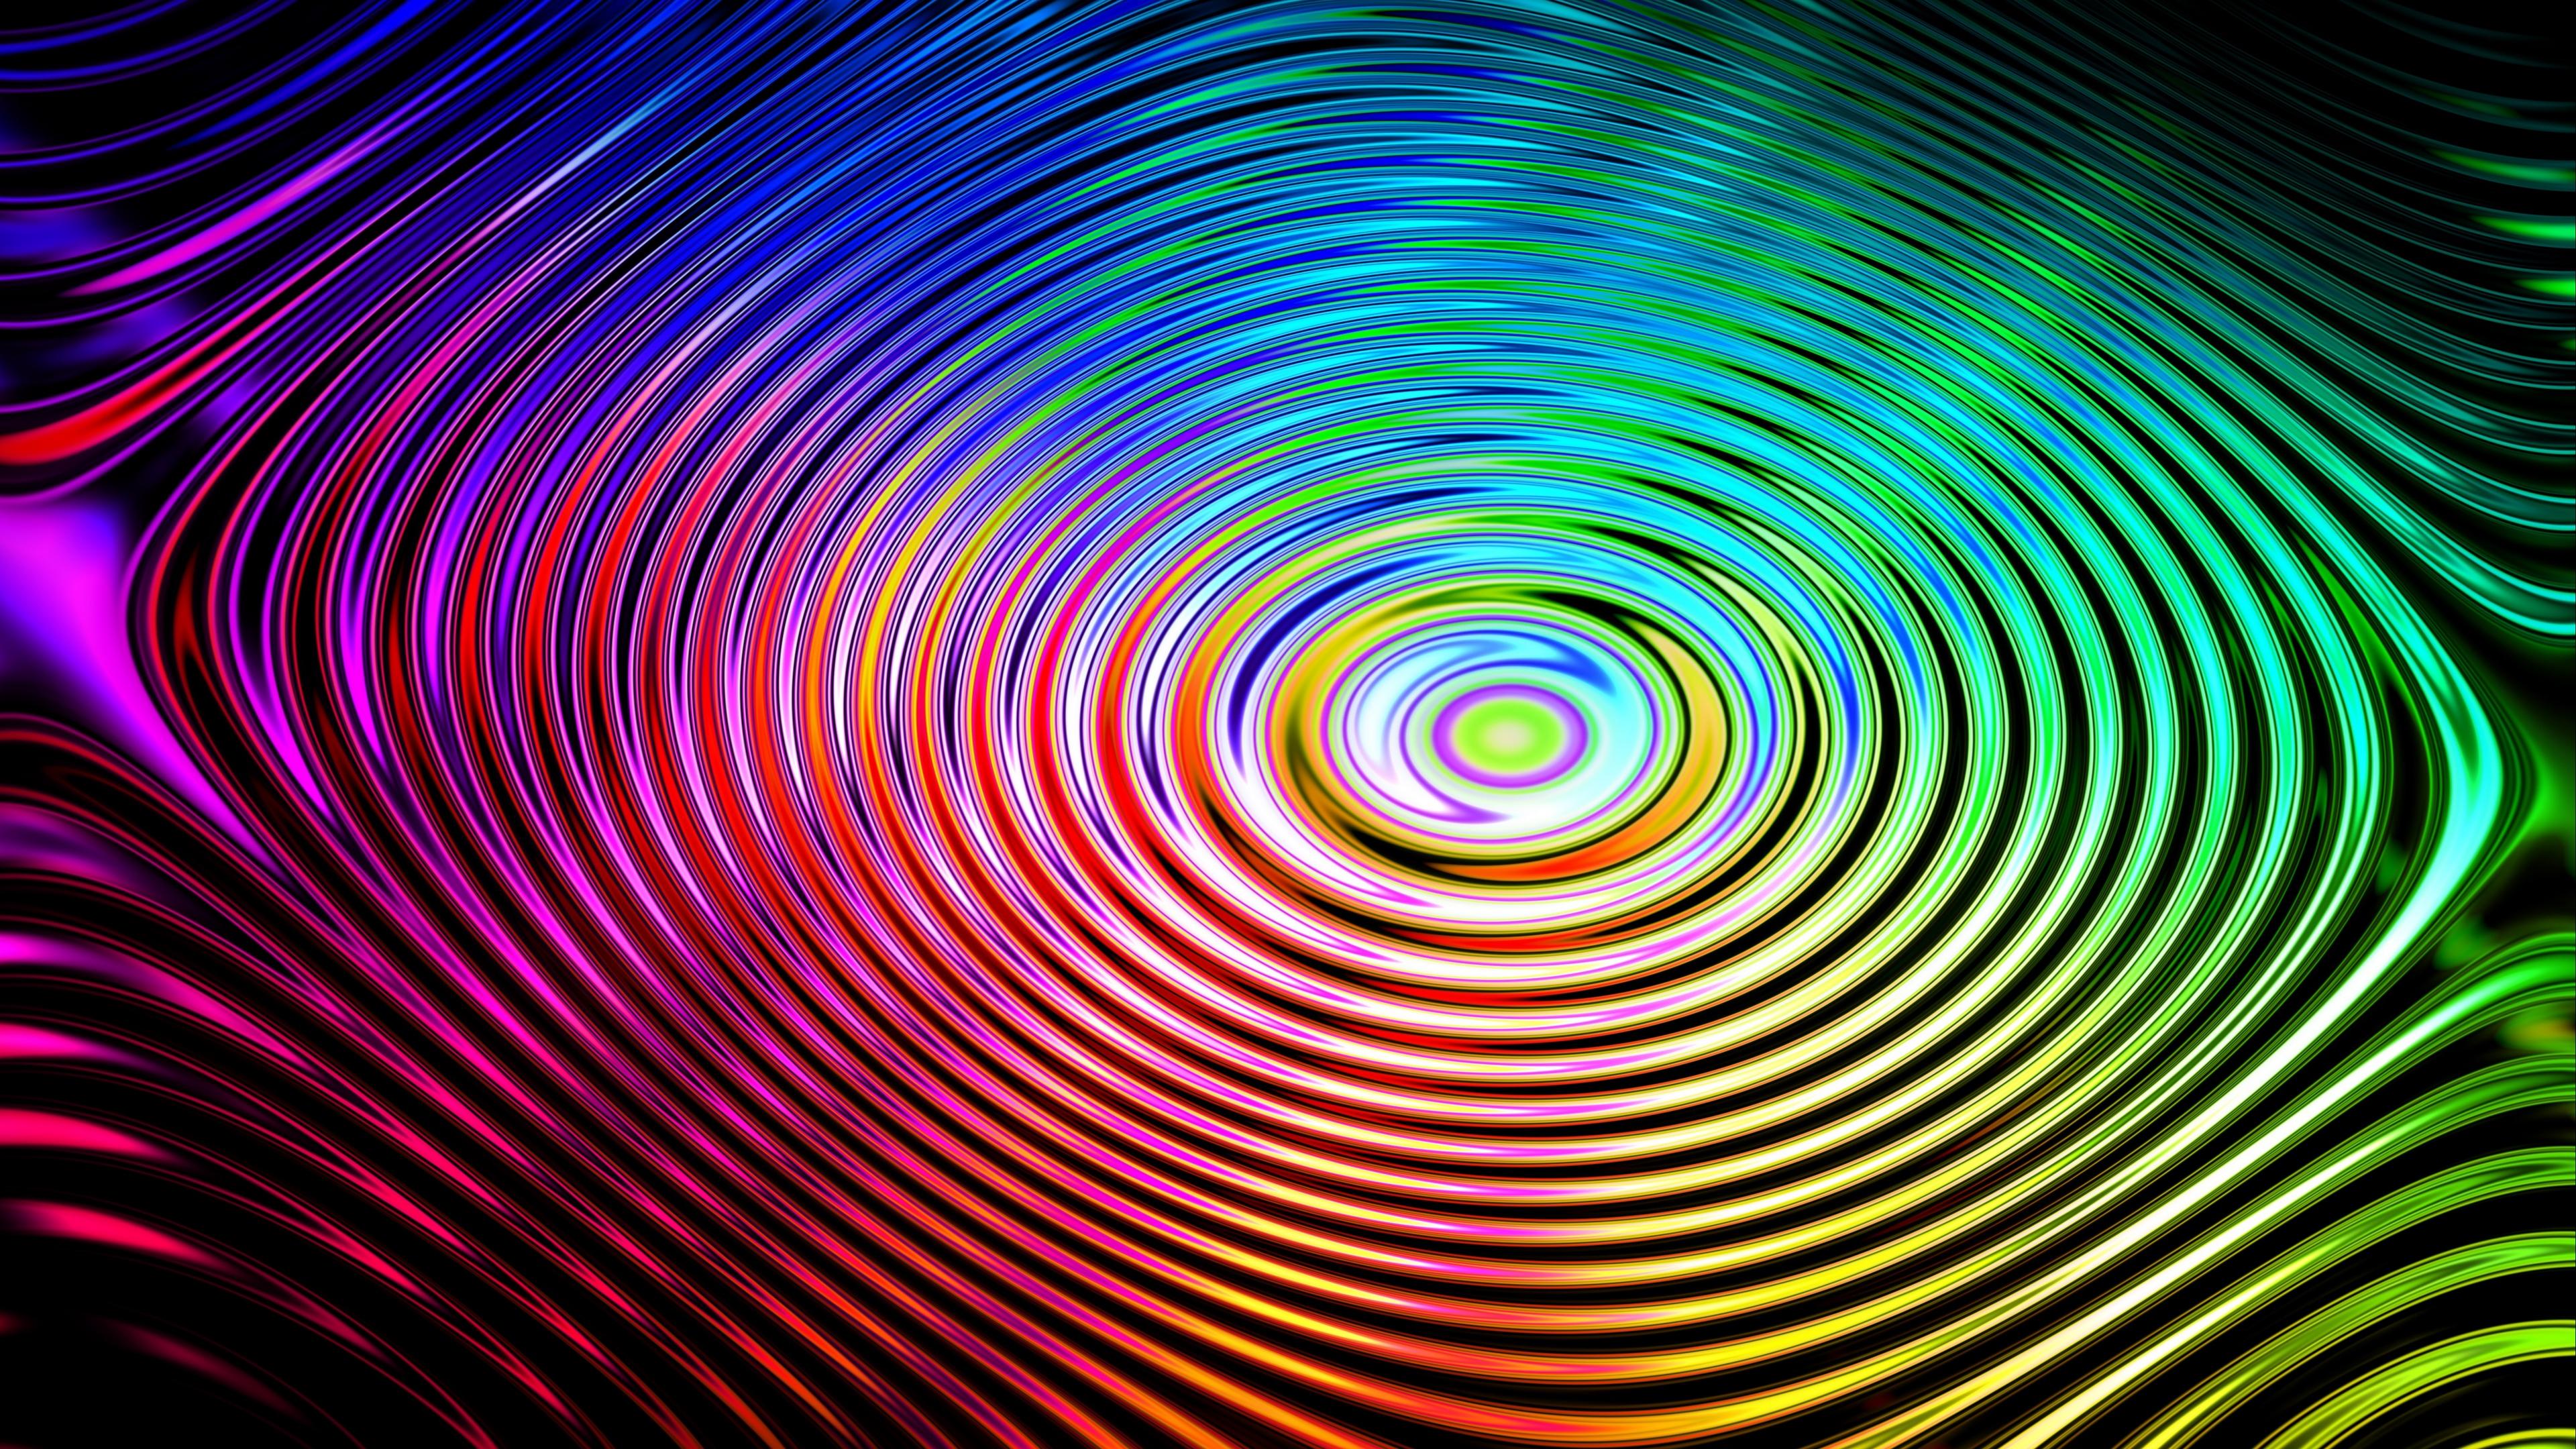 circles colorful wavy 4k 1539369849 - circles, colorful, wavy 4k - wavy, Colorful, Circles